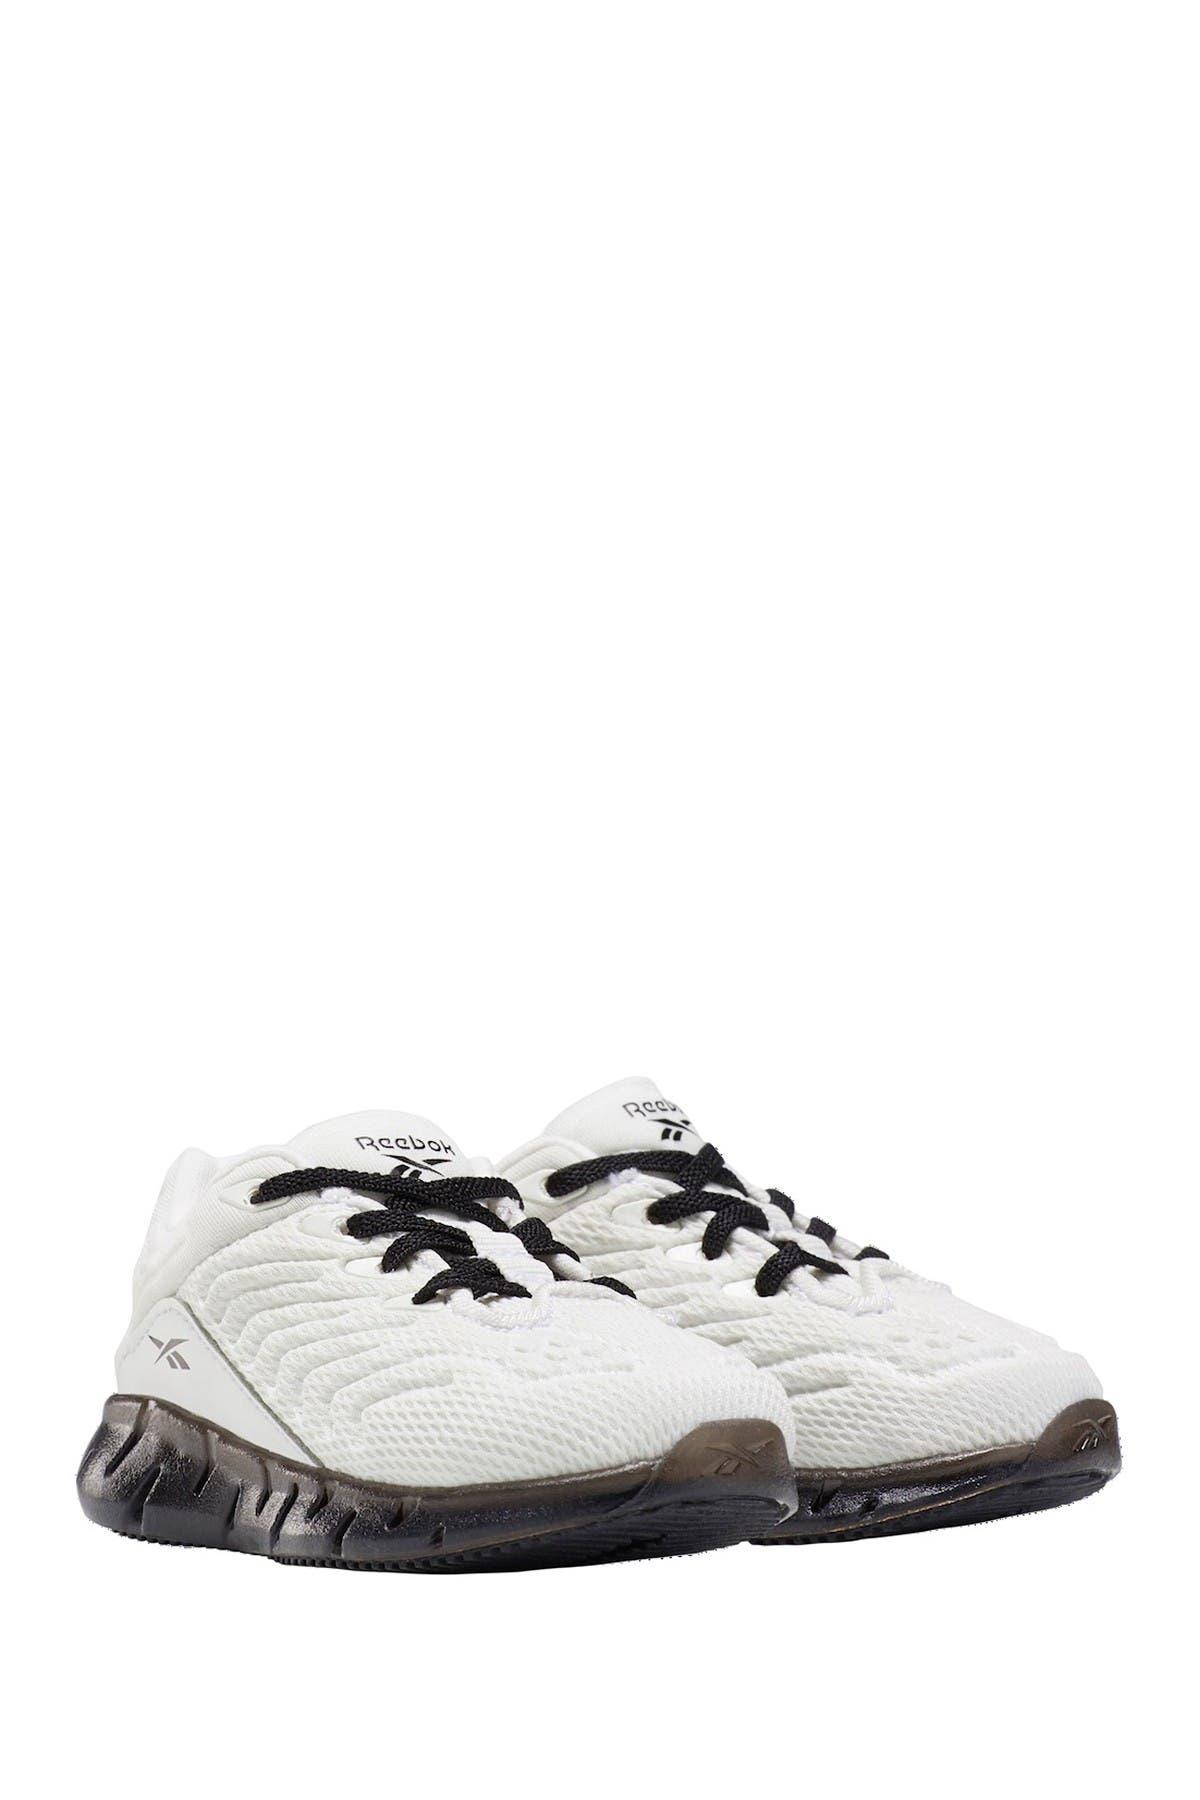 Image of Reebok Zig Kinetica Shoe